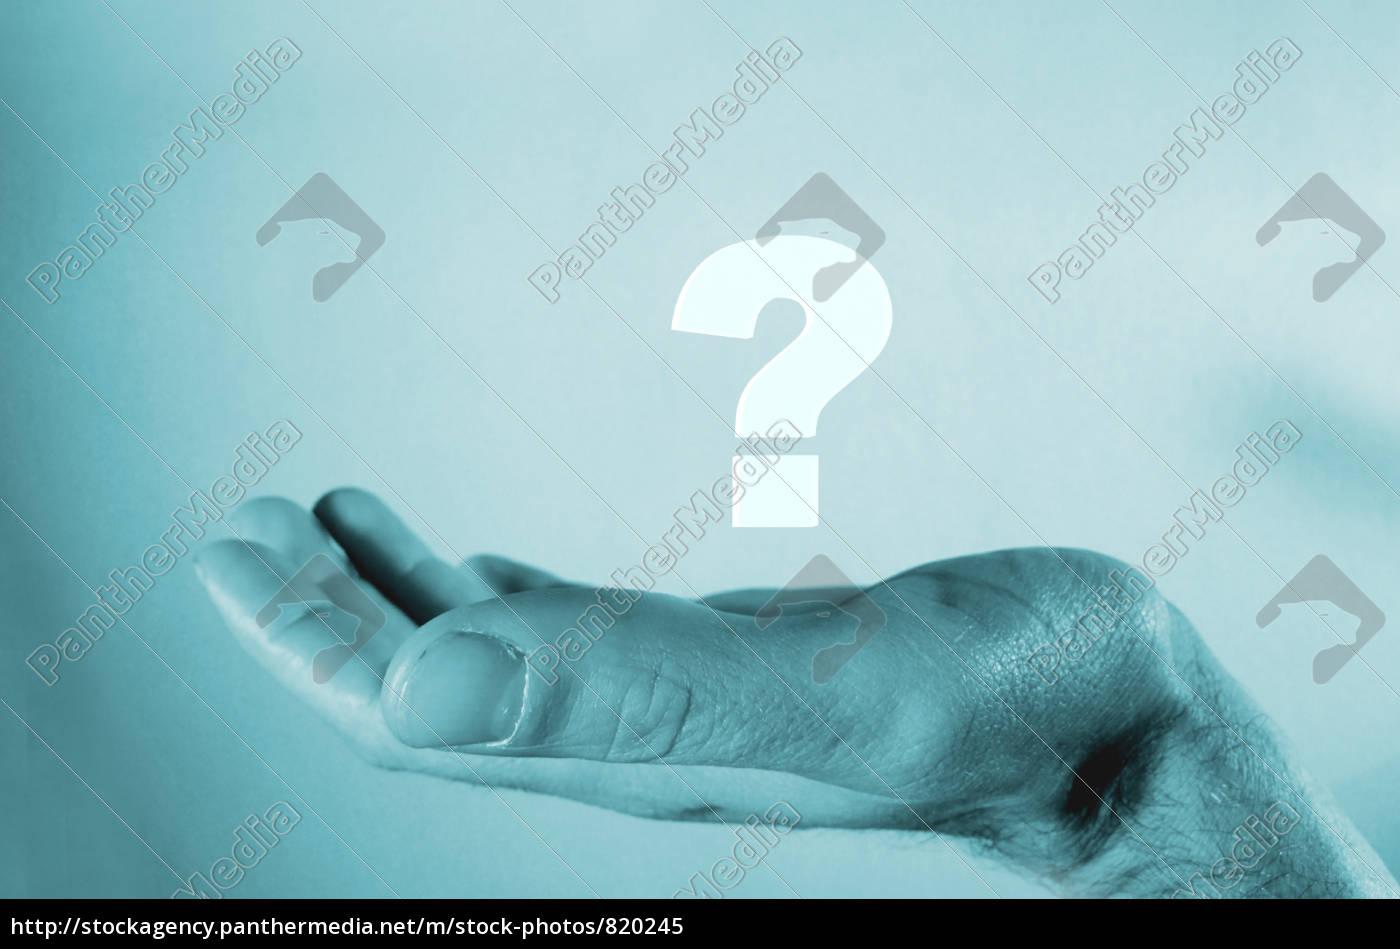 hand, help - 820245